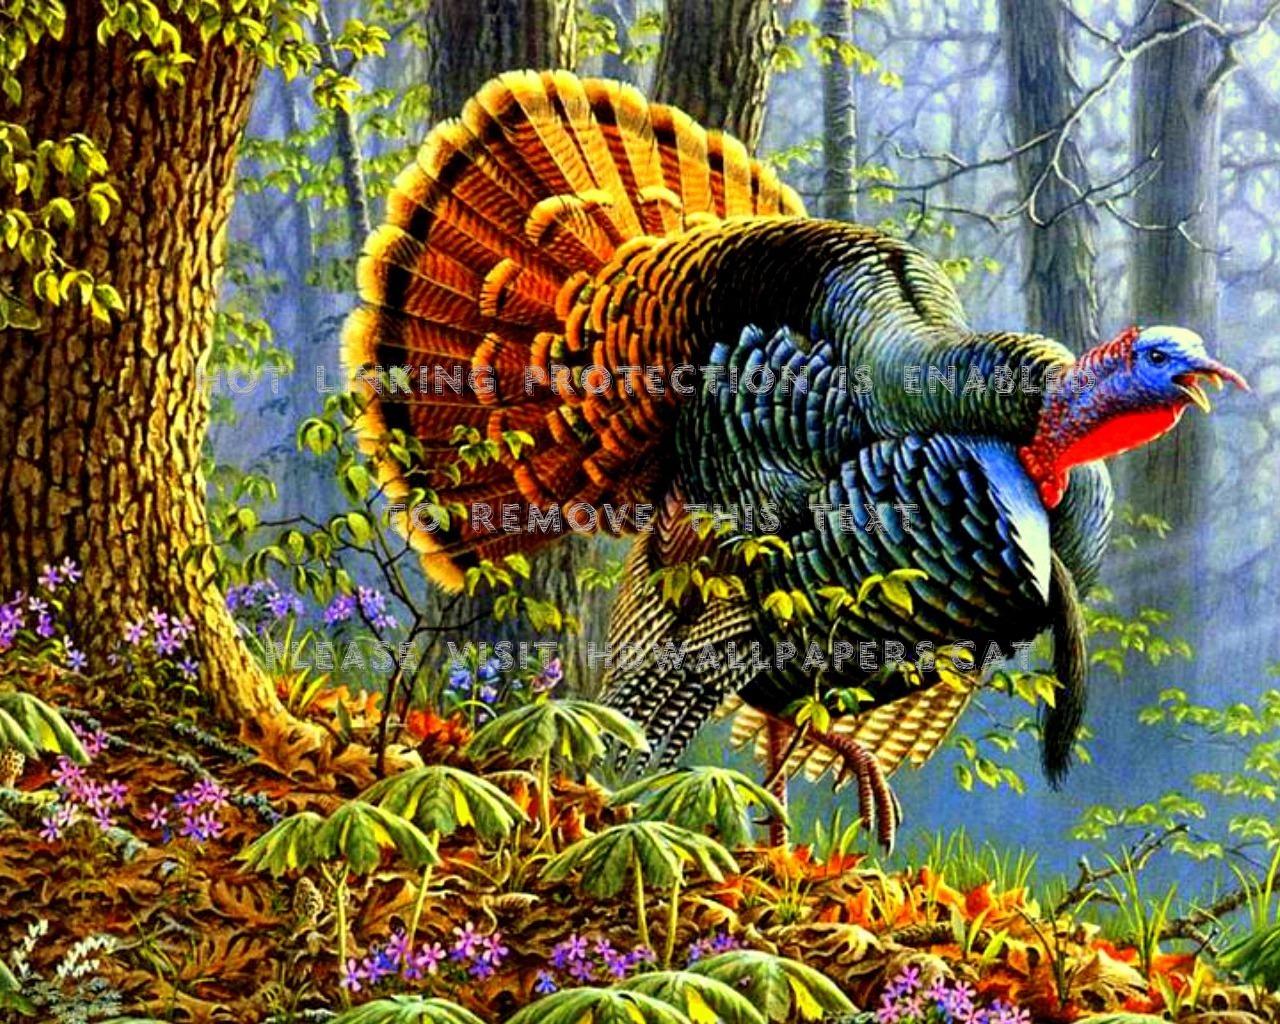 Turkey Bird , HD Wallpaper & Backgrounds